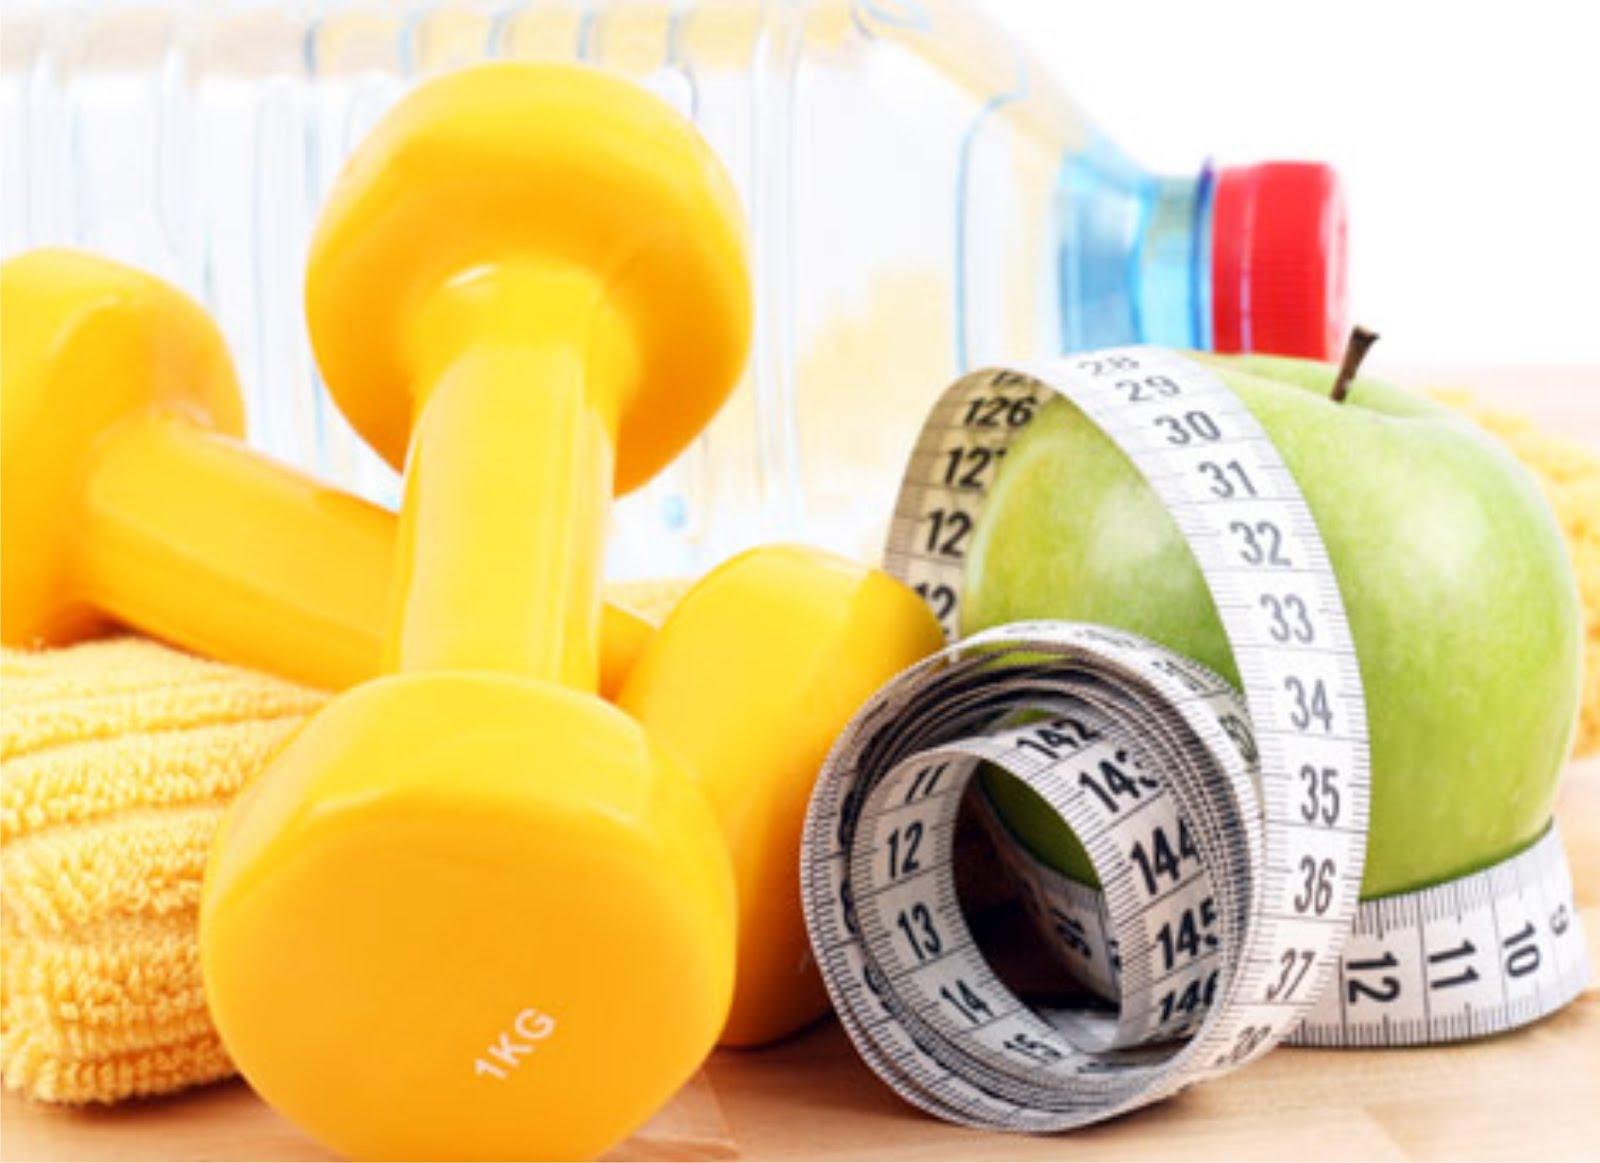 Natação: Confira dicas de alimentação antes e depois do treino